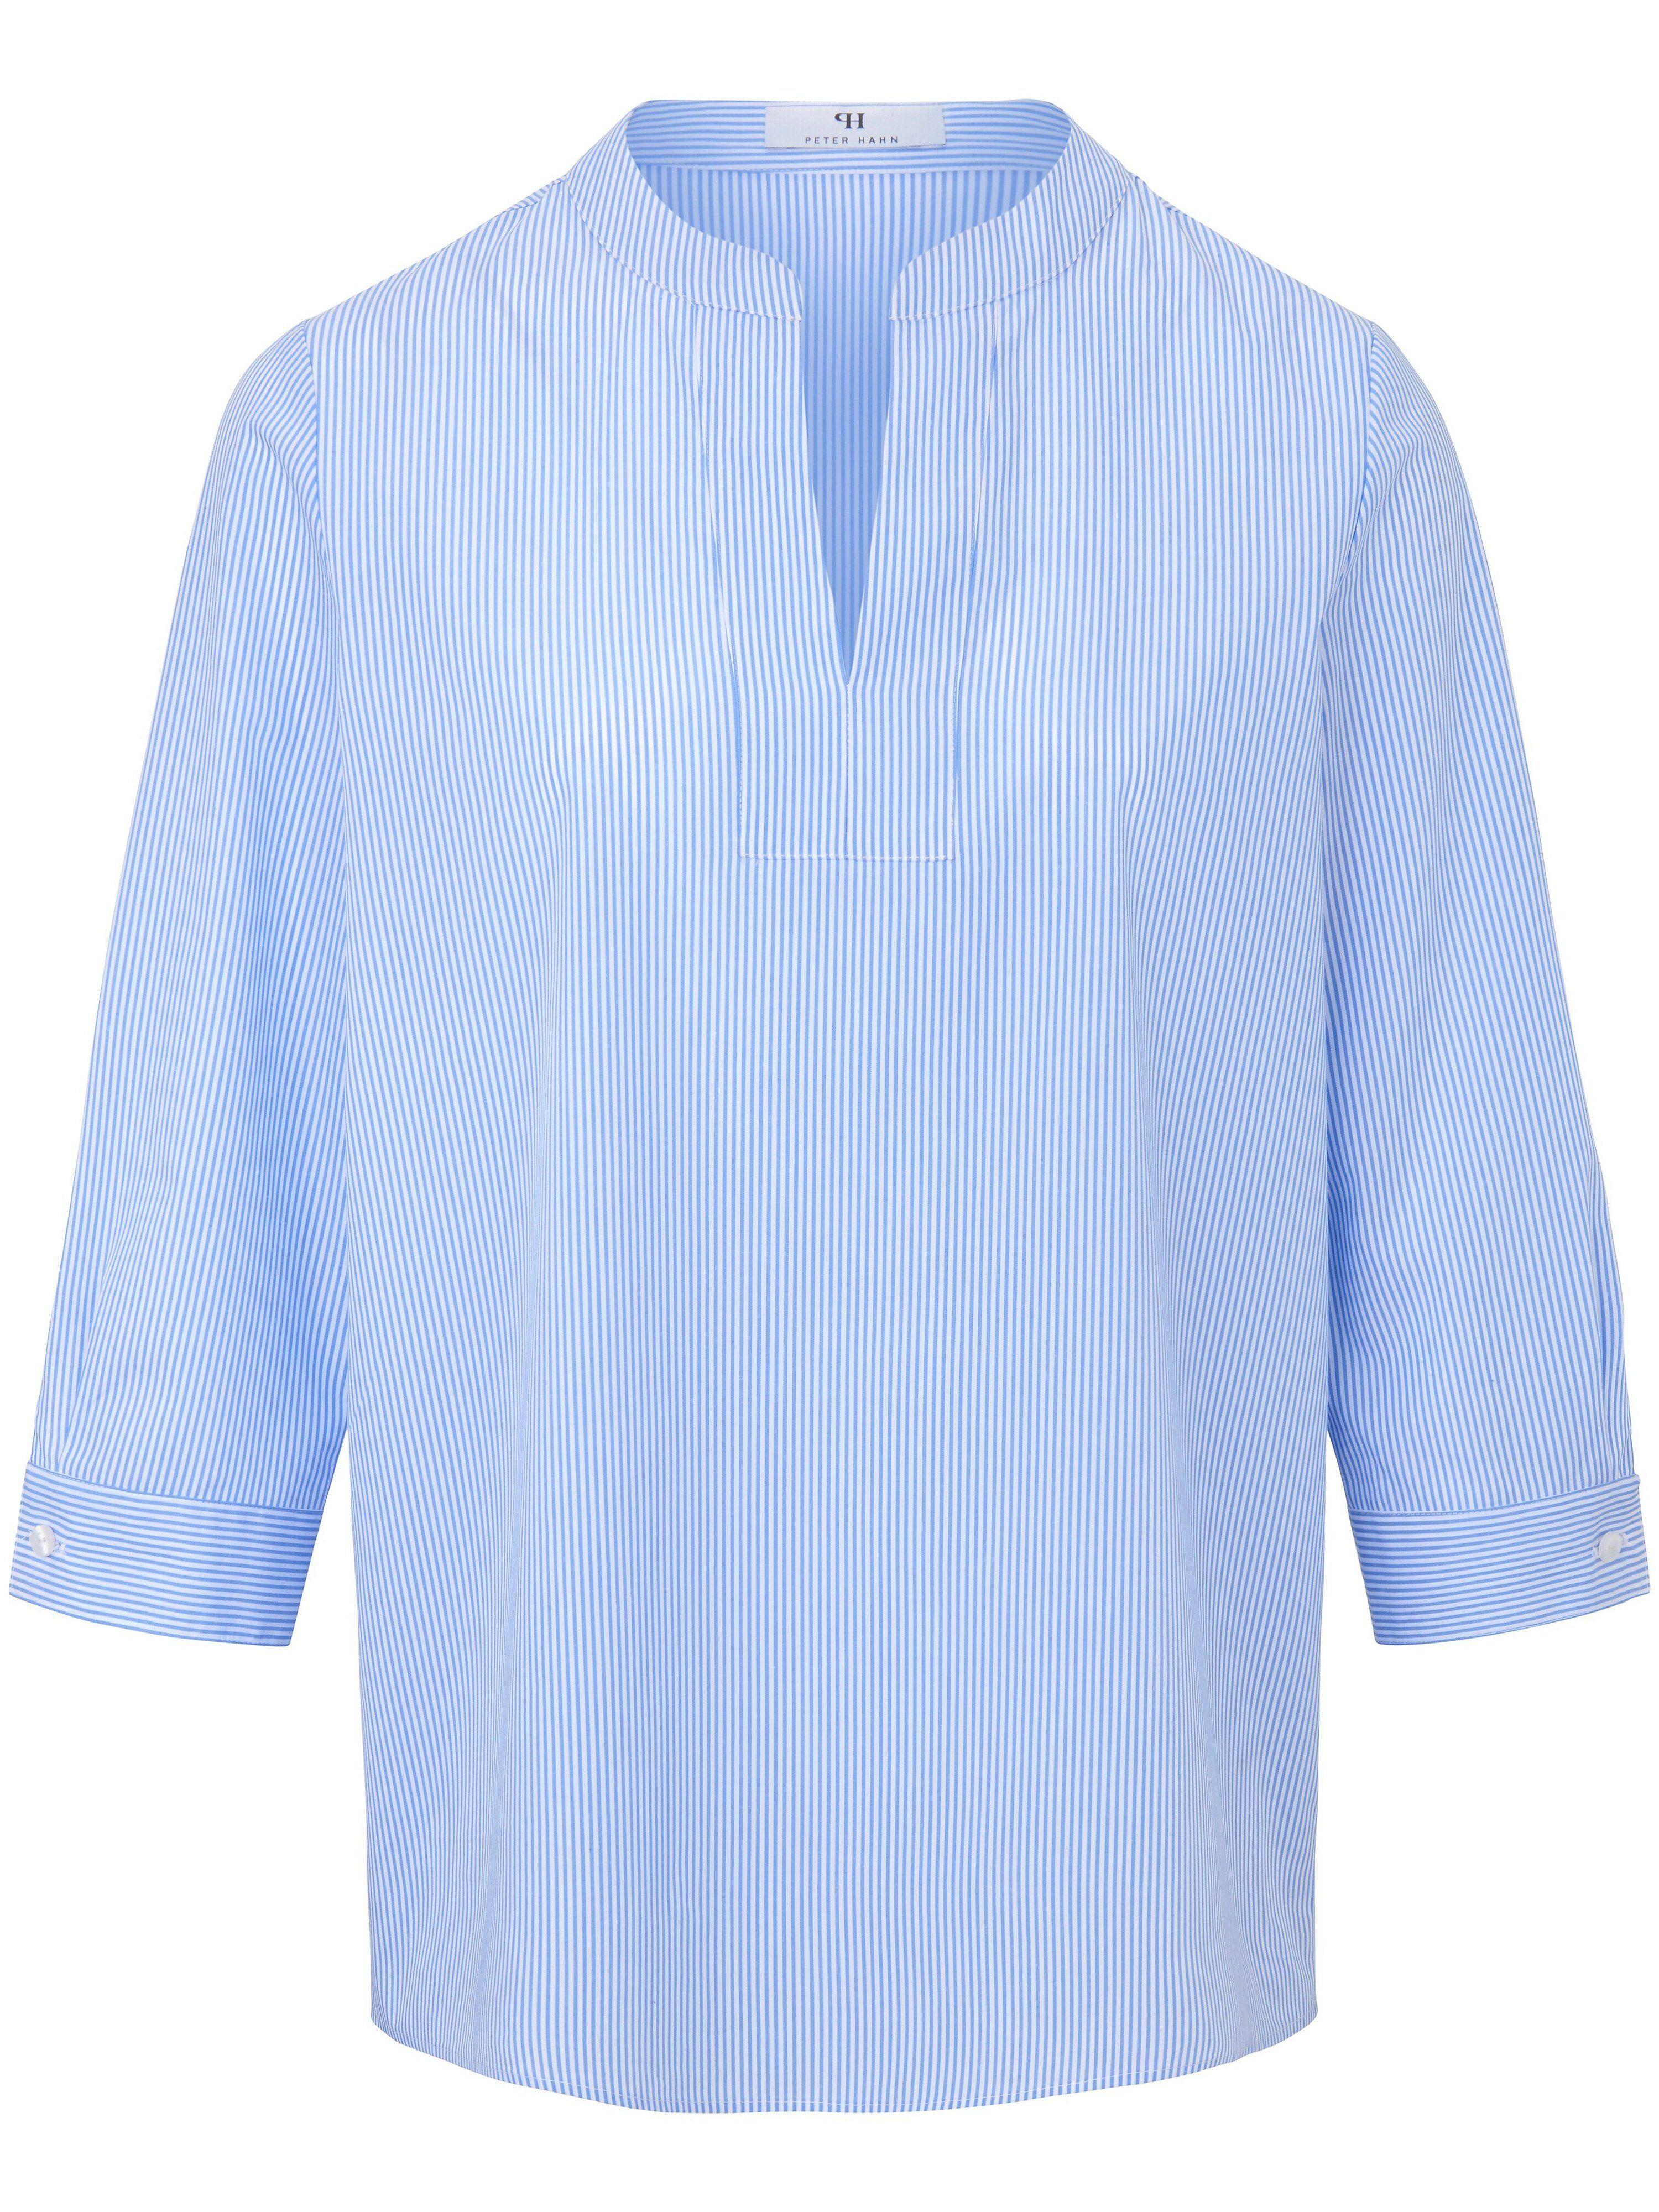 Peter Hahn La blouse ligne en A  Peter Hahn bleu  - Femme - 38